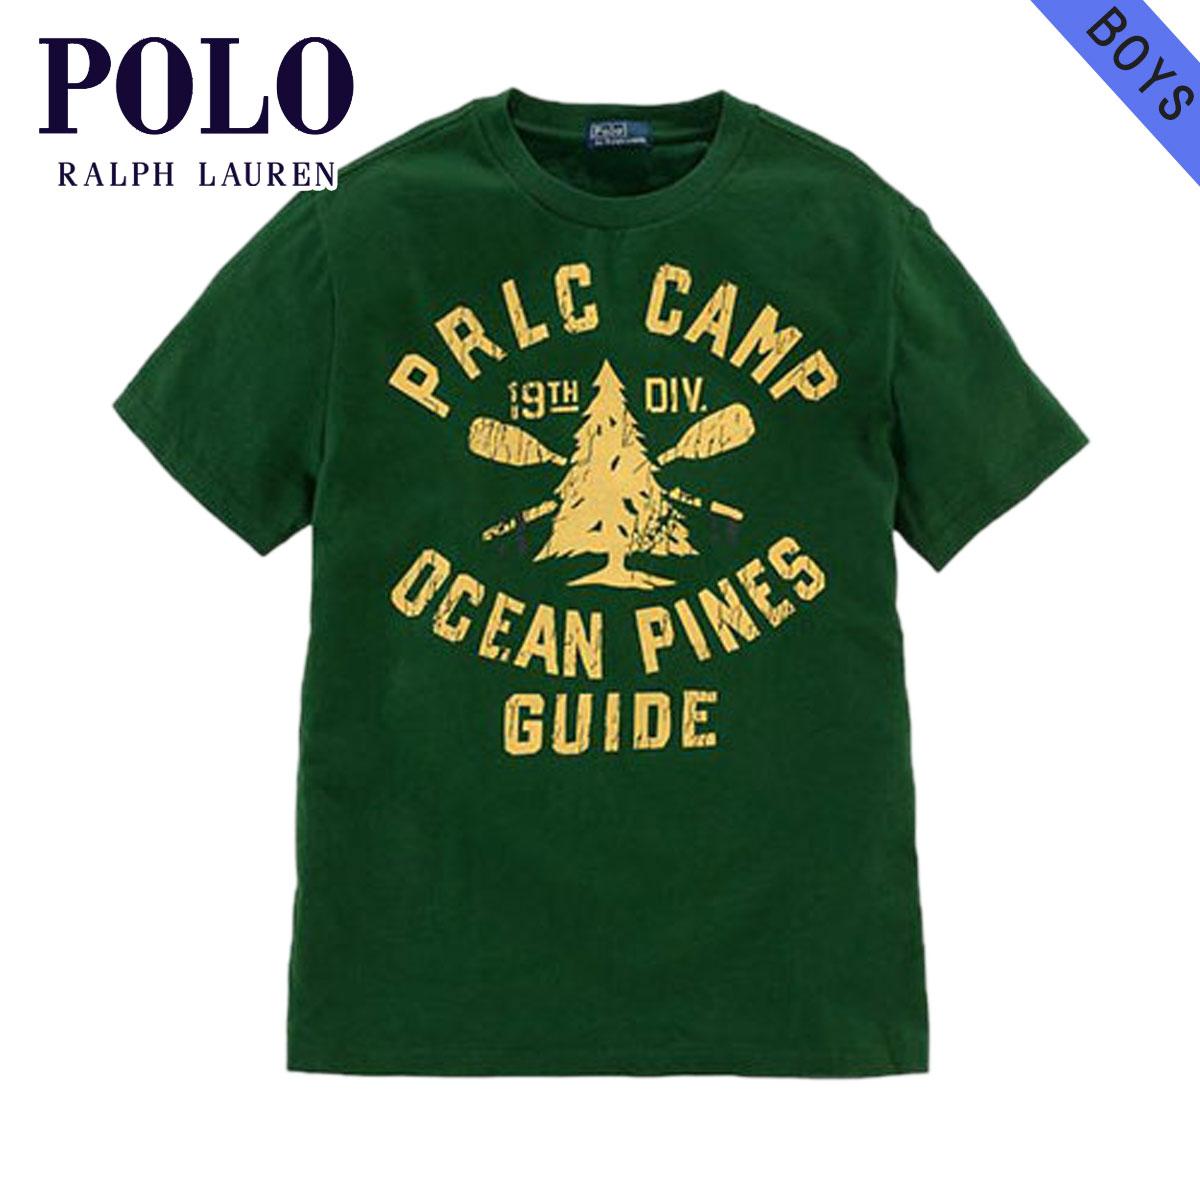 【販売期間 5/20 10:00〜5/30 09:59】 ポロ ラルフローレン キッズ POLO RALPH LAUREN CHILDREN 正規品 子供服 ボーイズ 半袖Tシャツ Short-Sleeved Polo Camp Tee #18788046 GREEN ラルフローレン D15S25